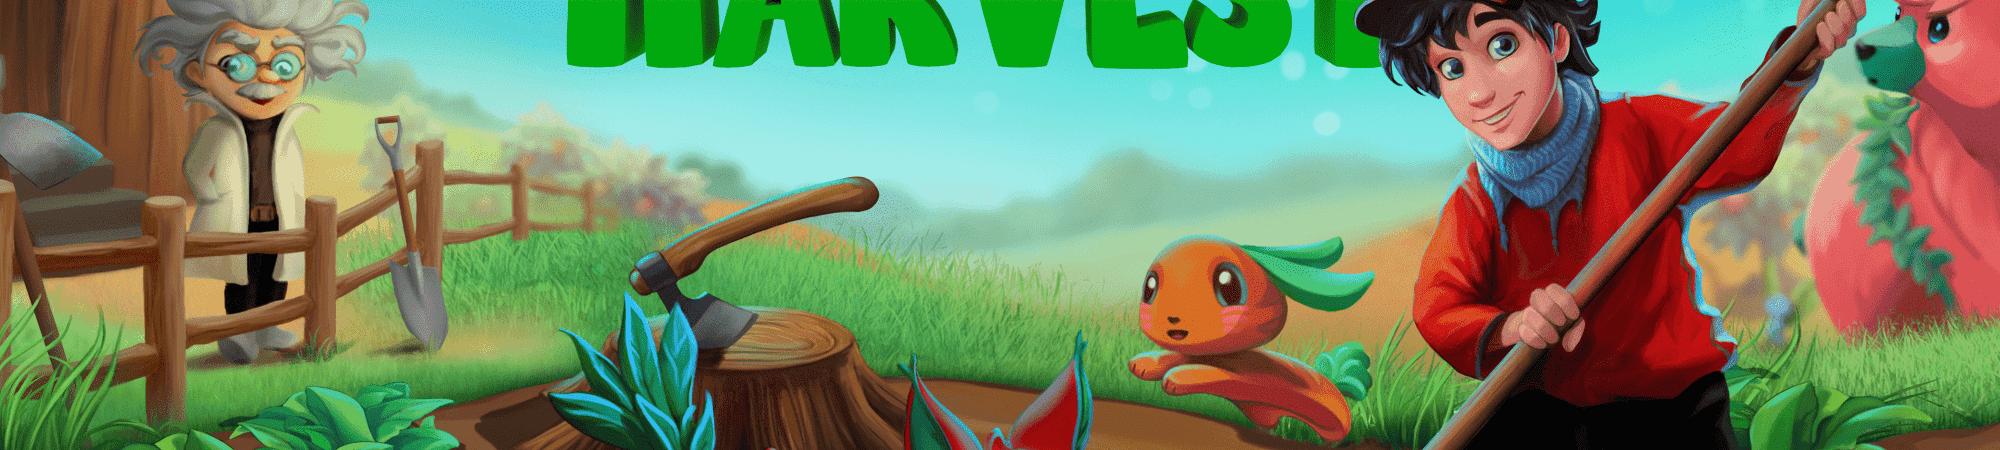 review monster harvest